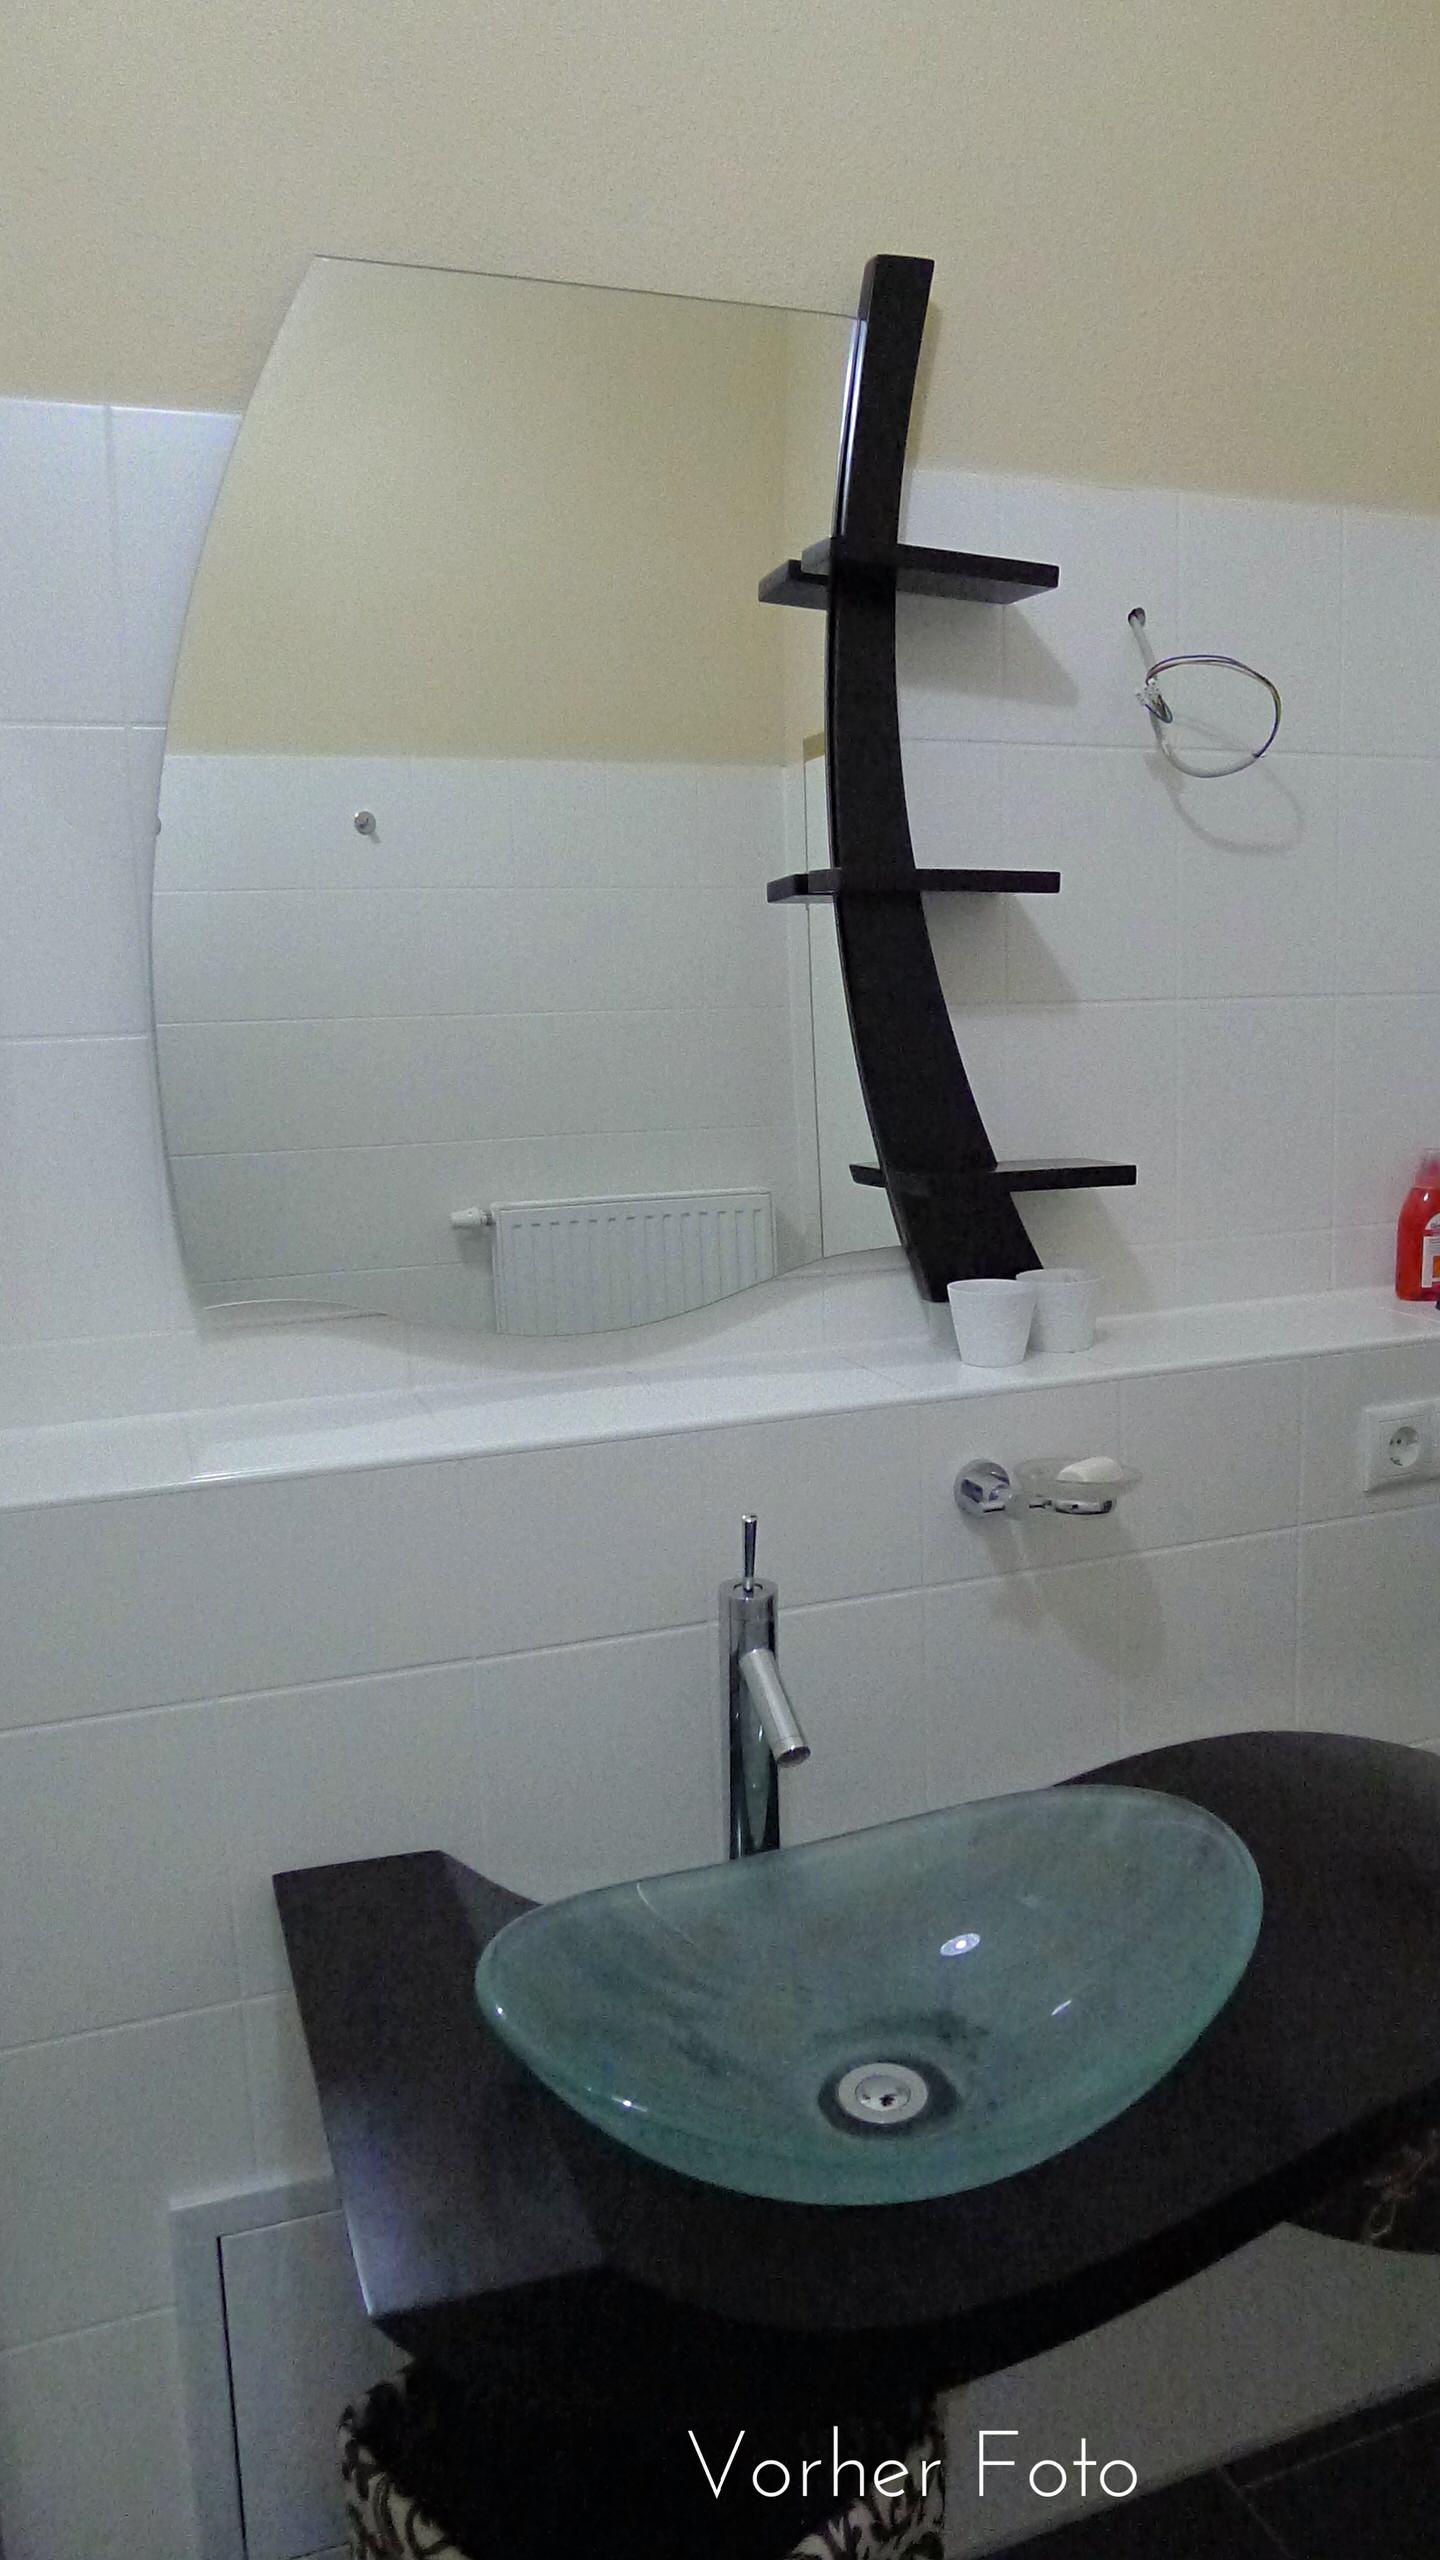 Vorher Foto Badezimmer